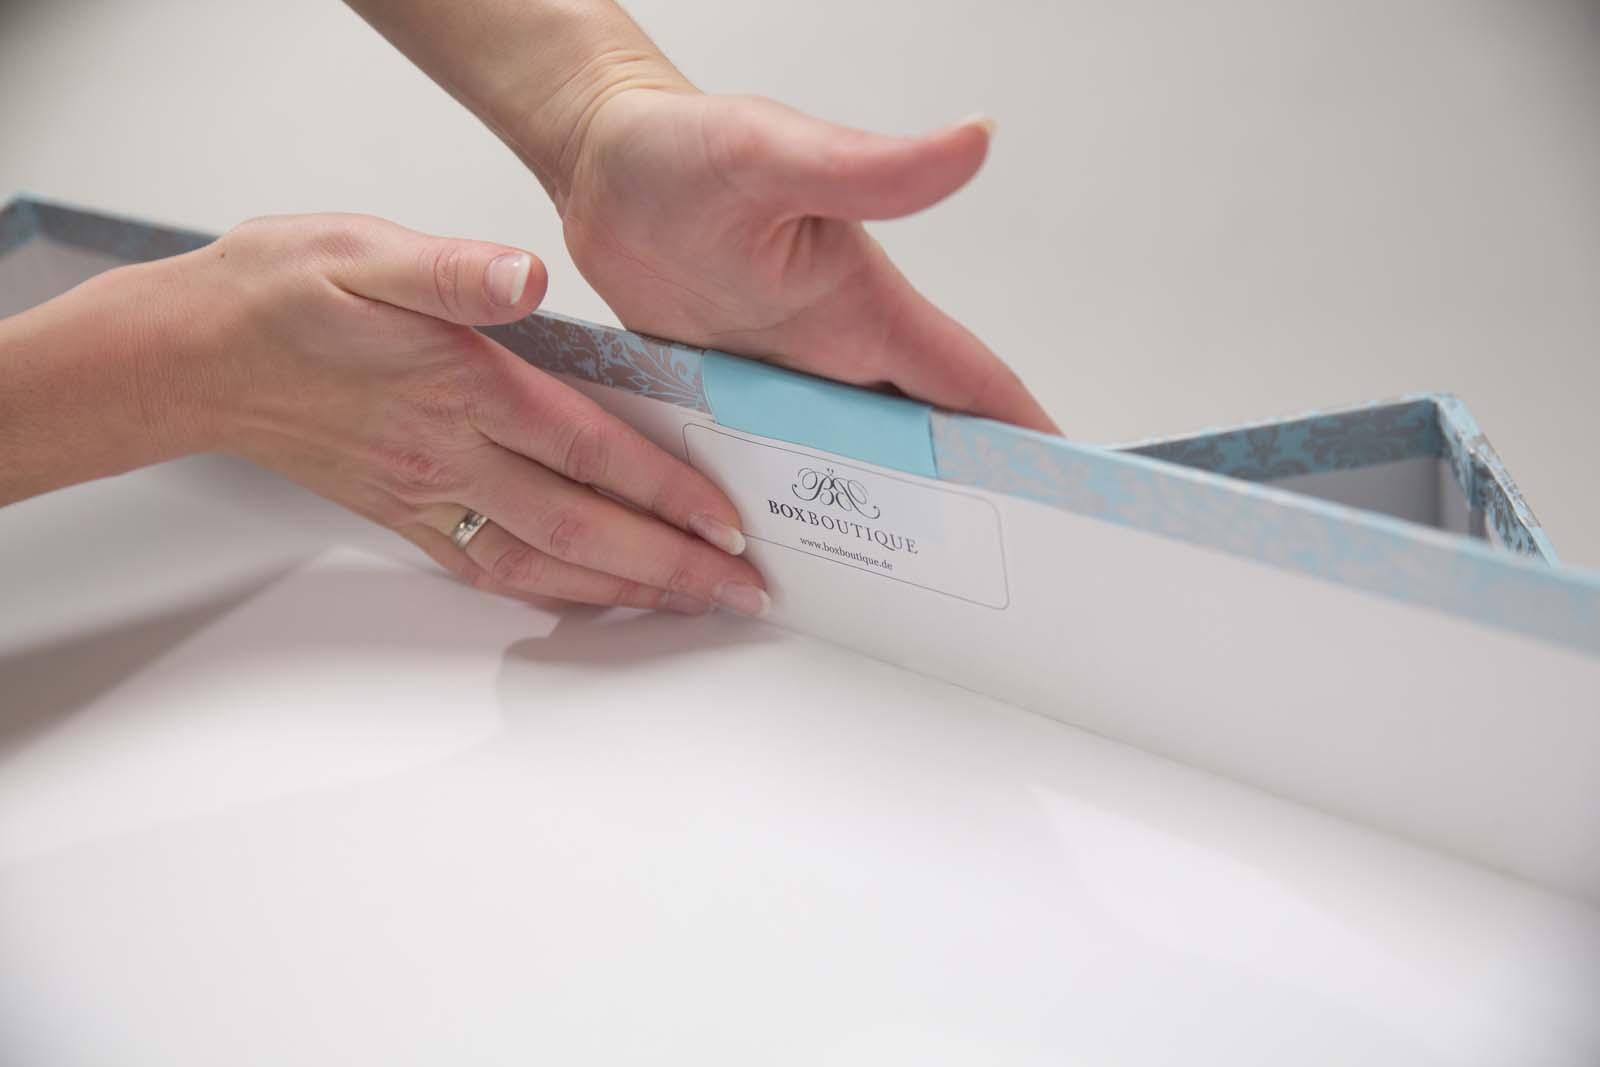 Box Boutique: Brautkleidboxen - Über die Box